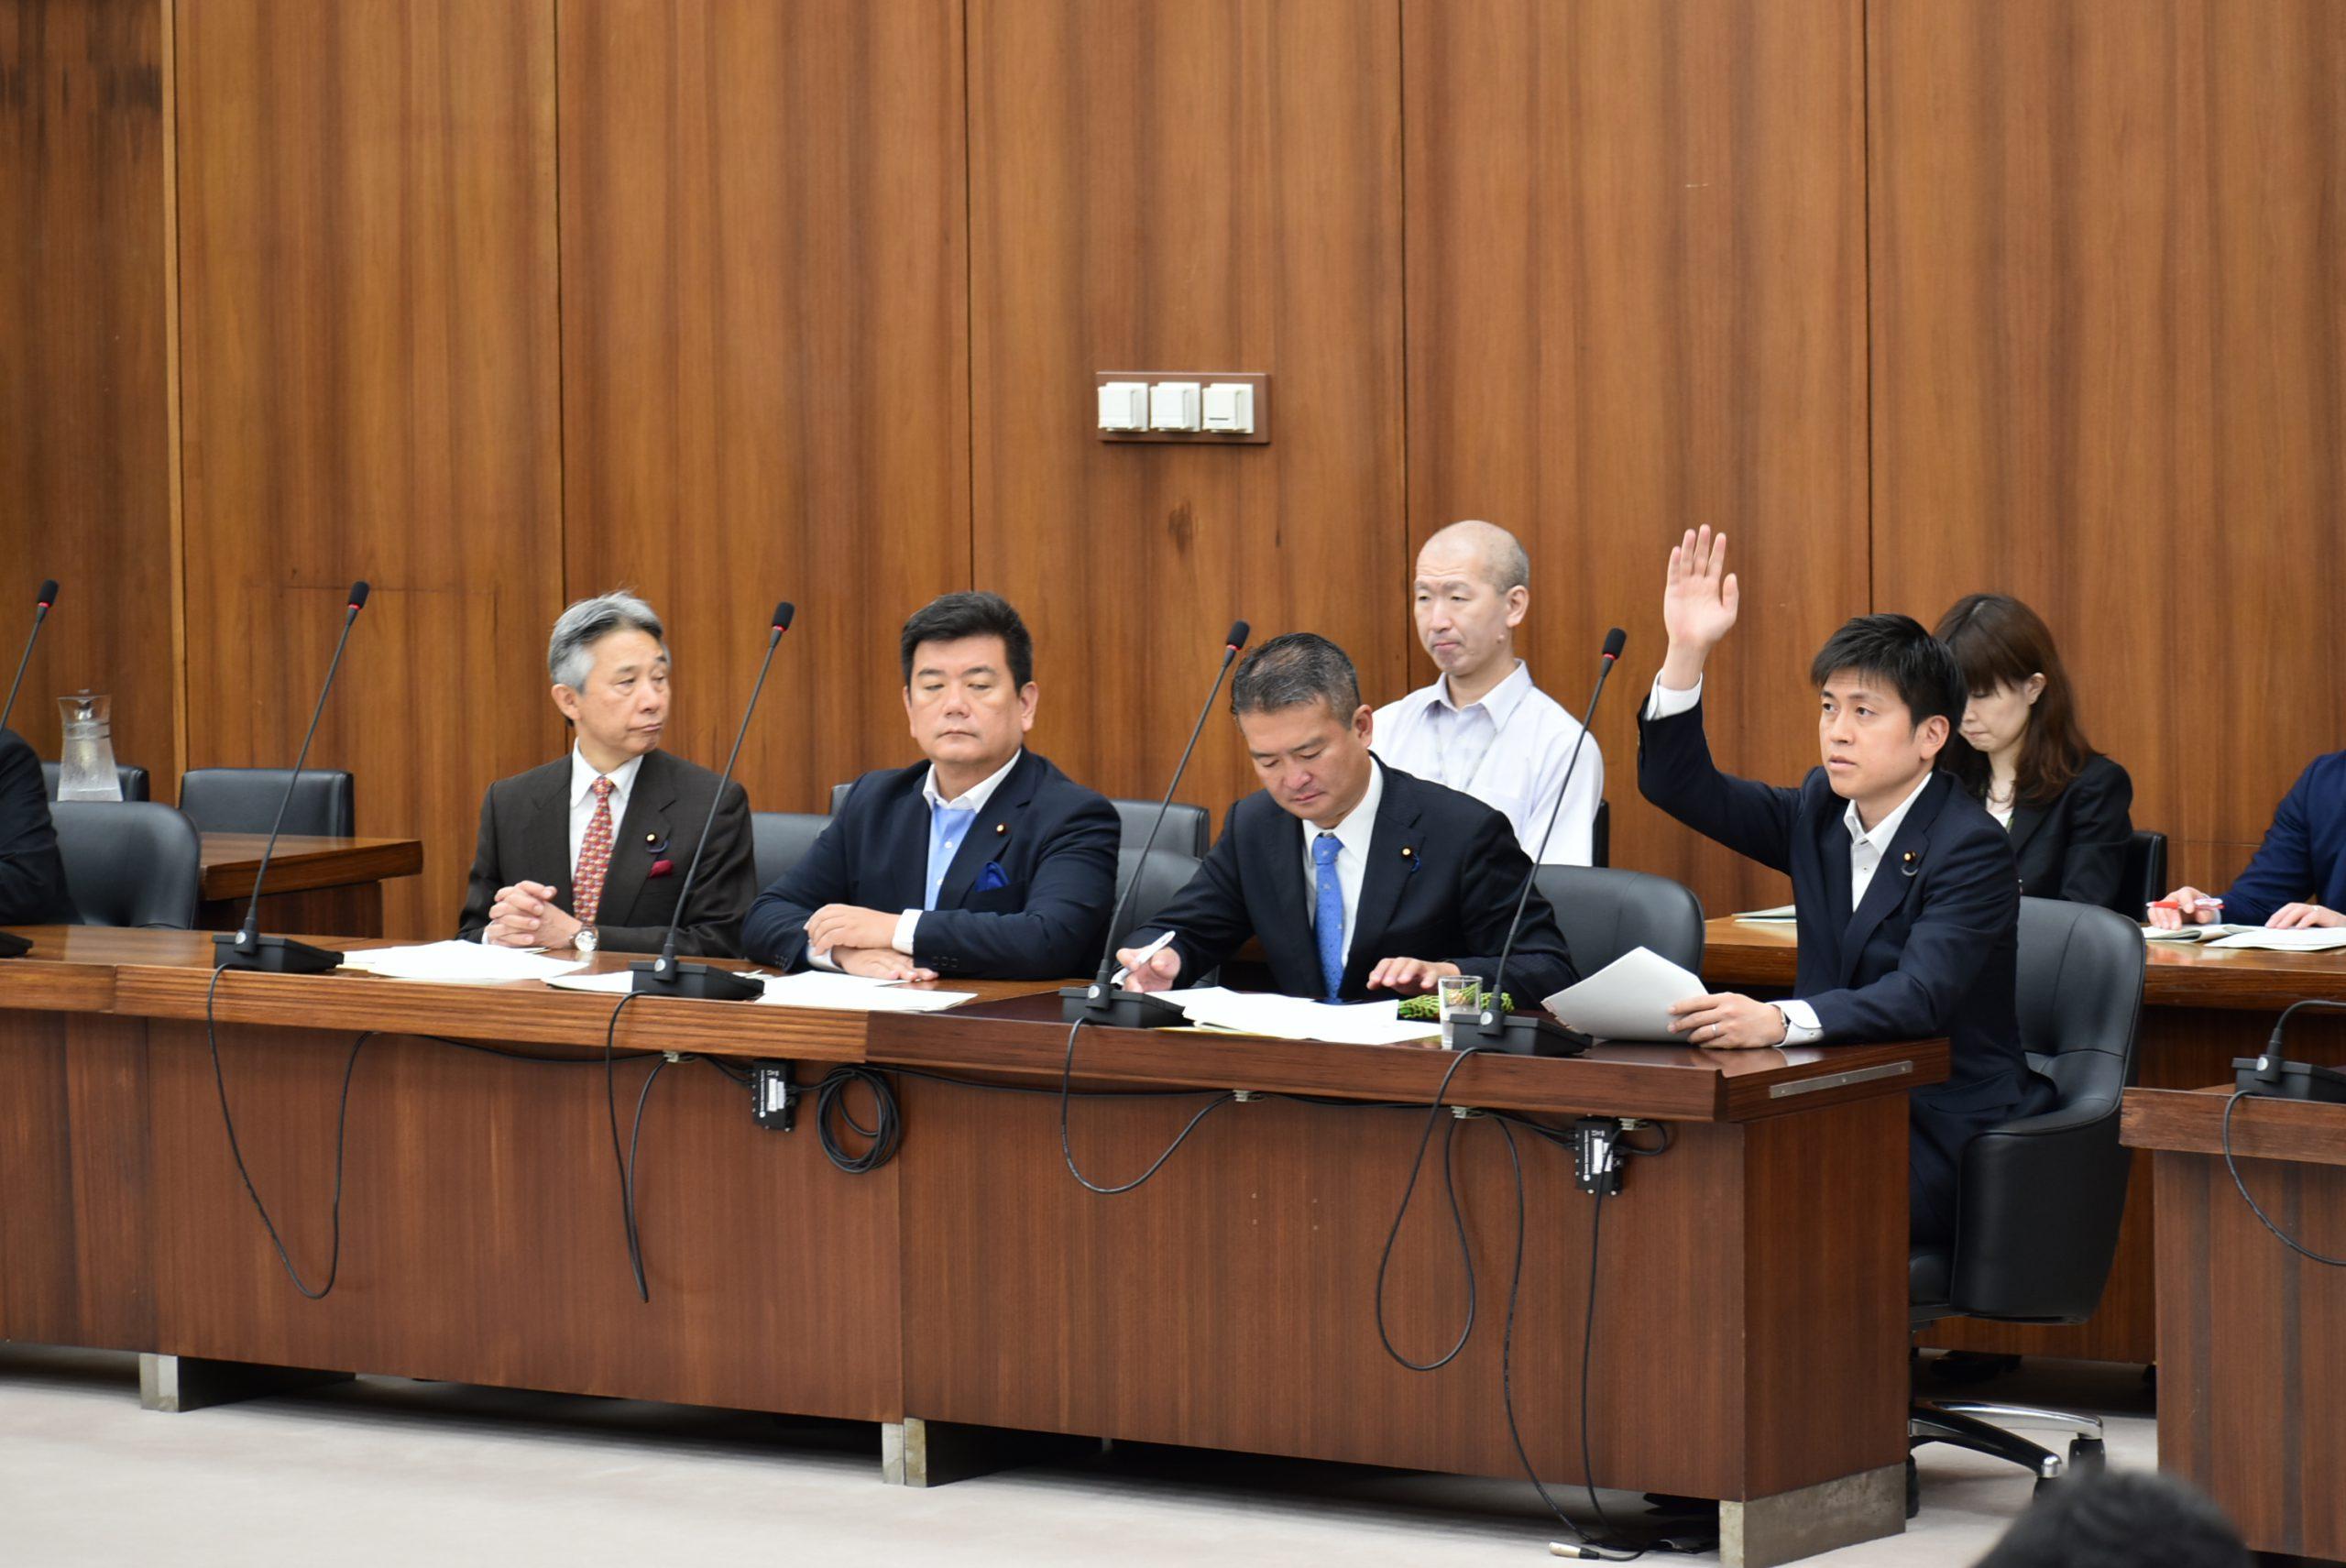 衆議院 国土交通委員会(2019/5/24)